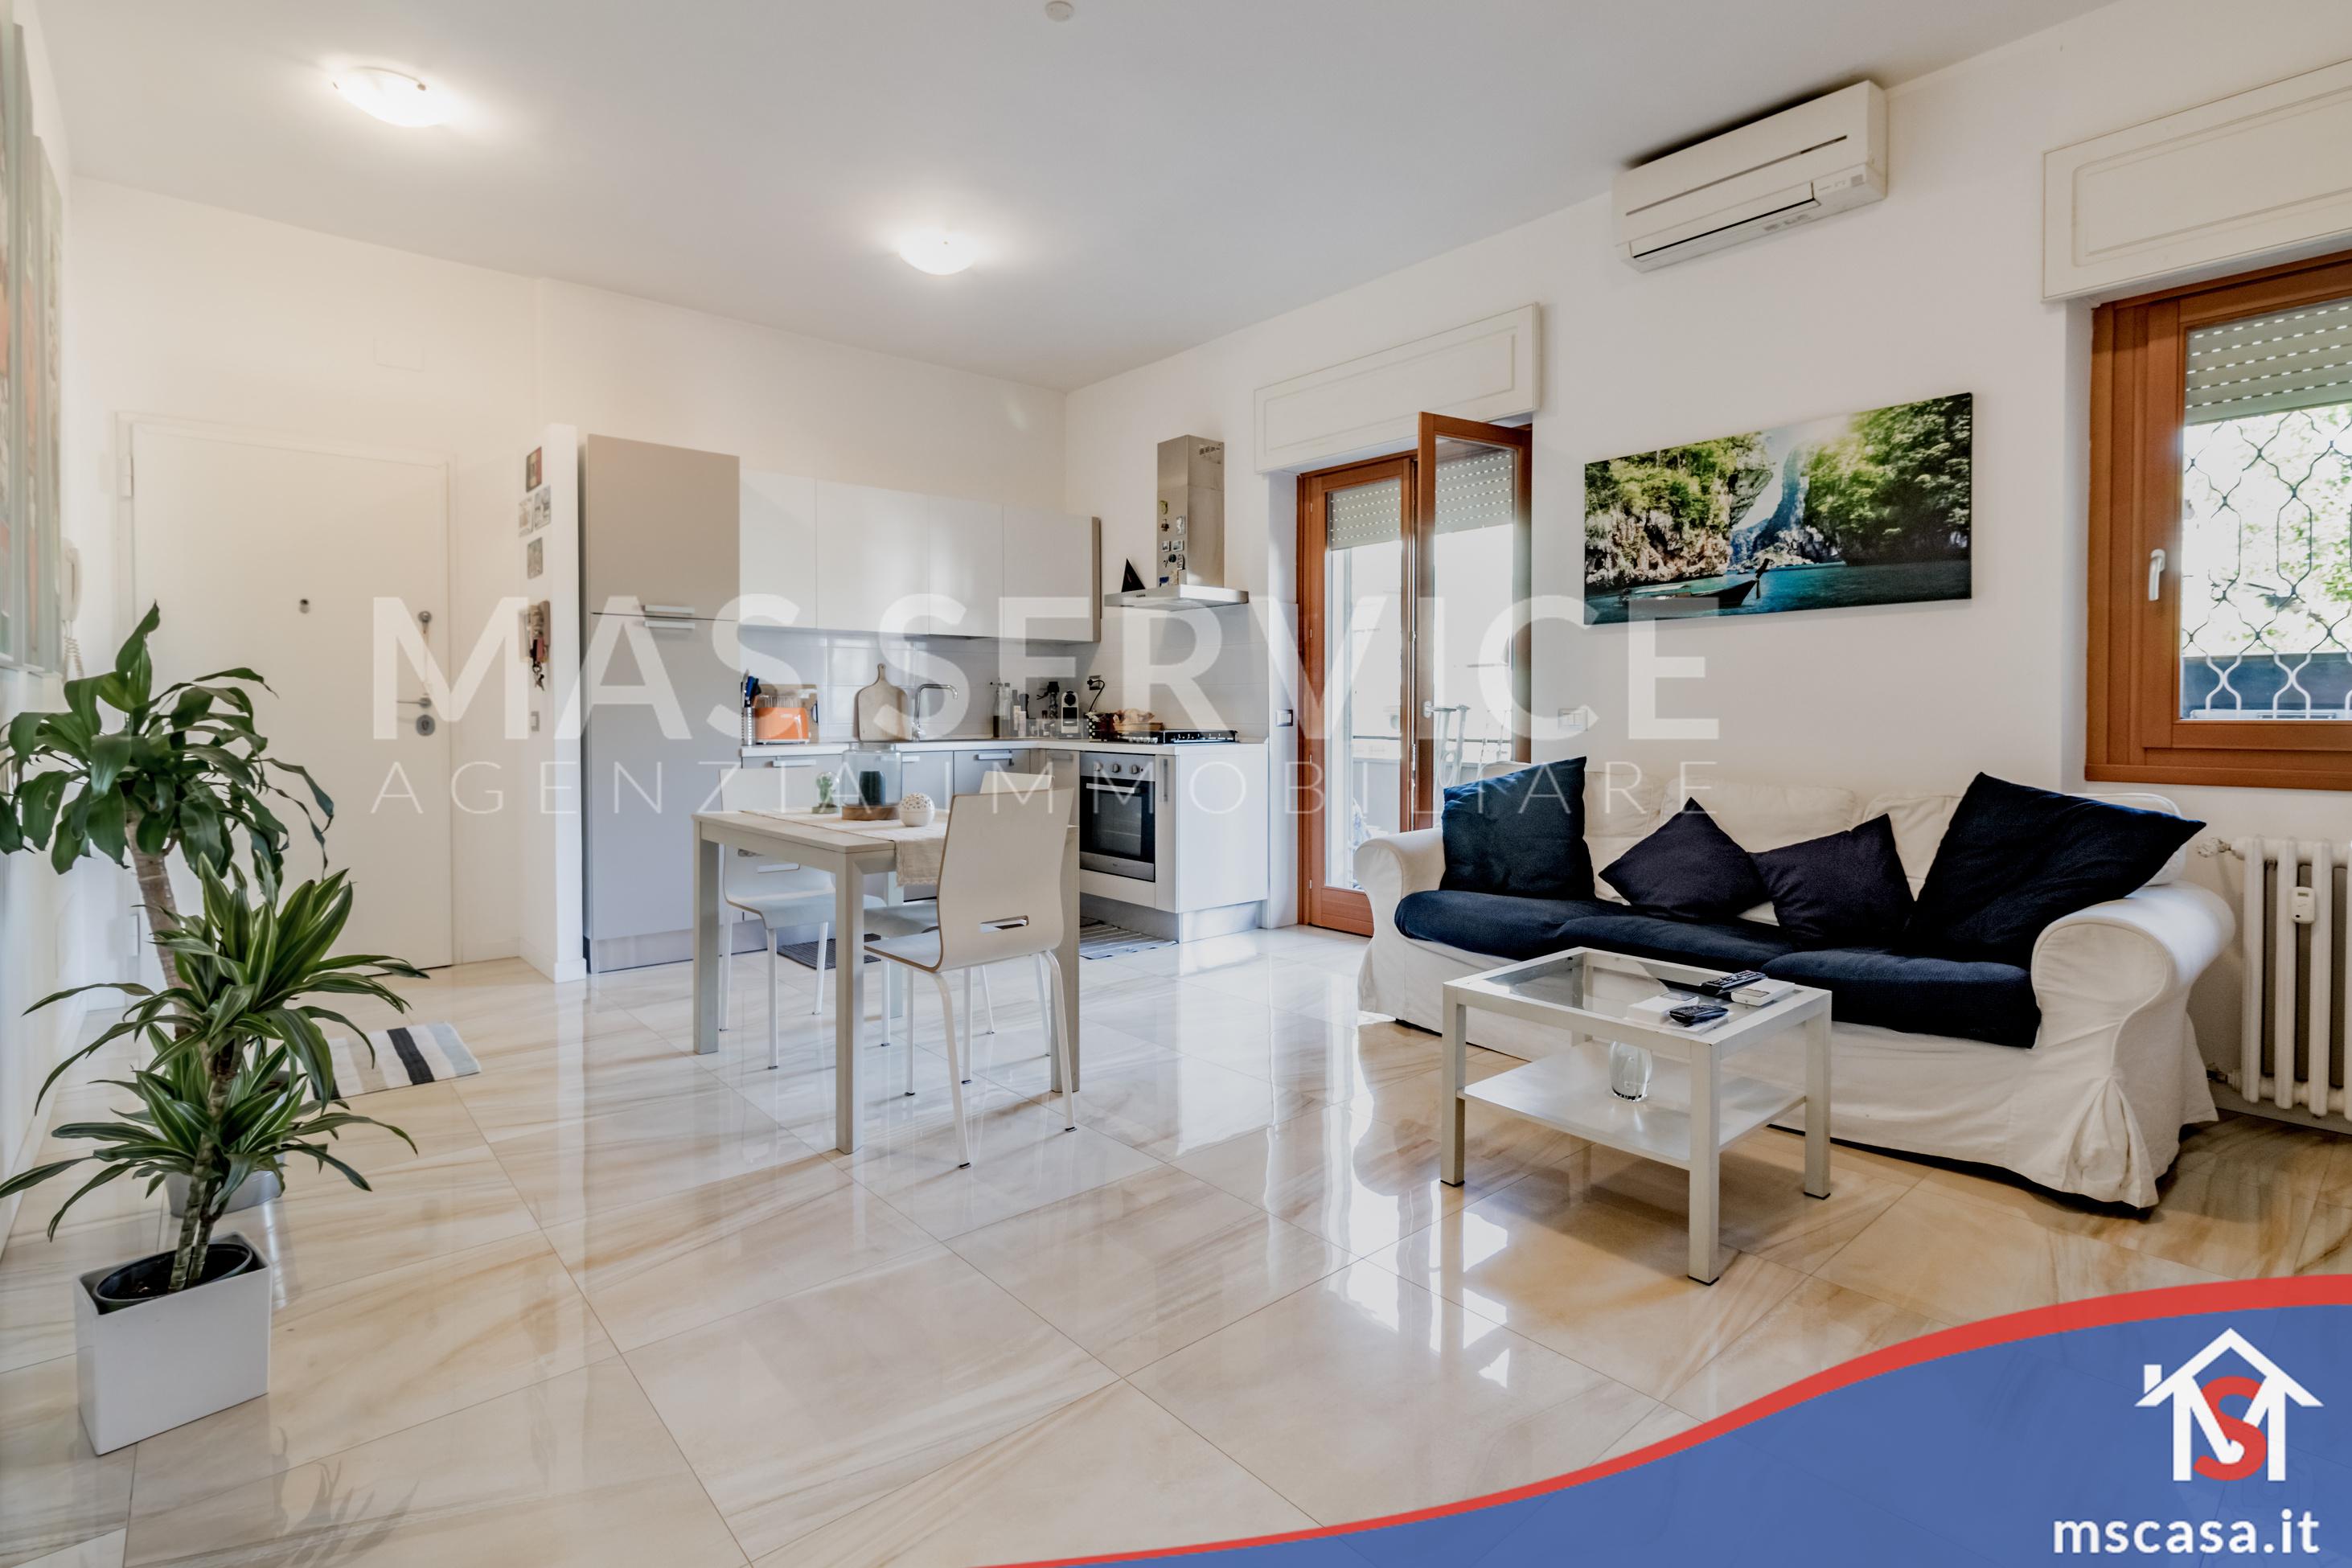 Bilocale in vendita zona Mostacciano a Roma Vista Soggiorno Open Space particolare zona Divano